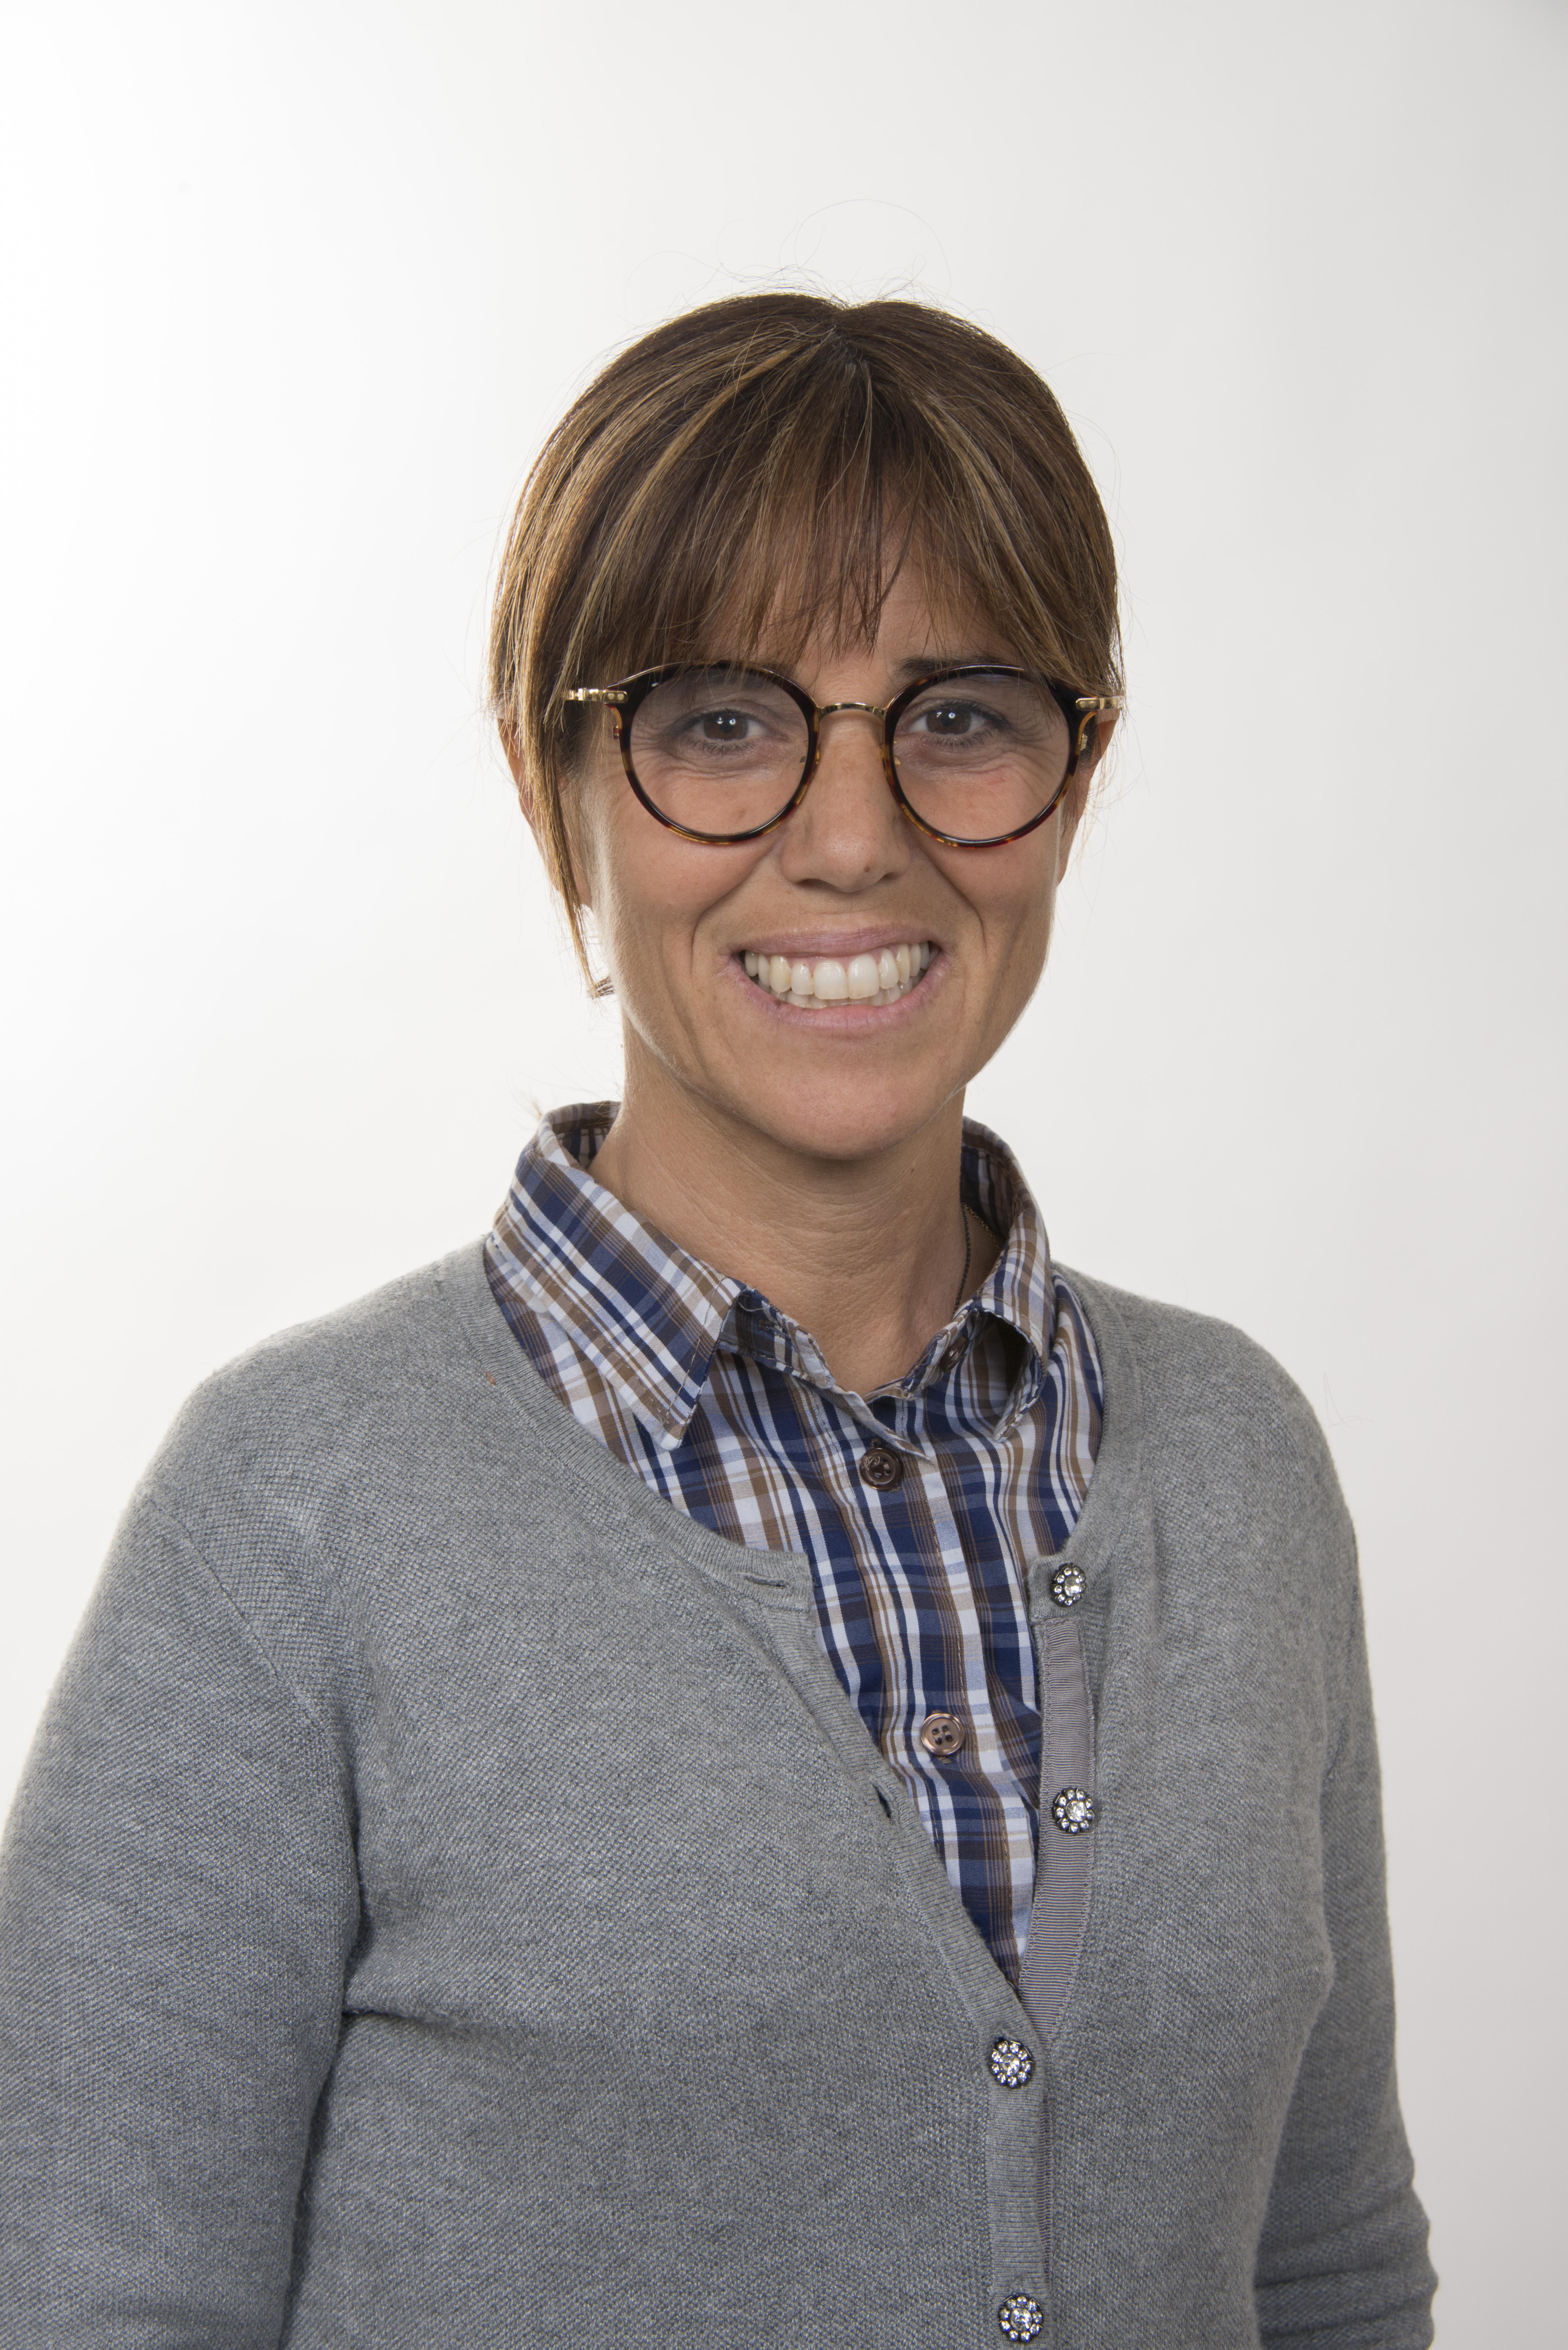 Micaela Amato